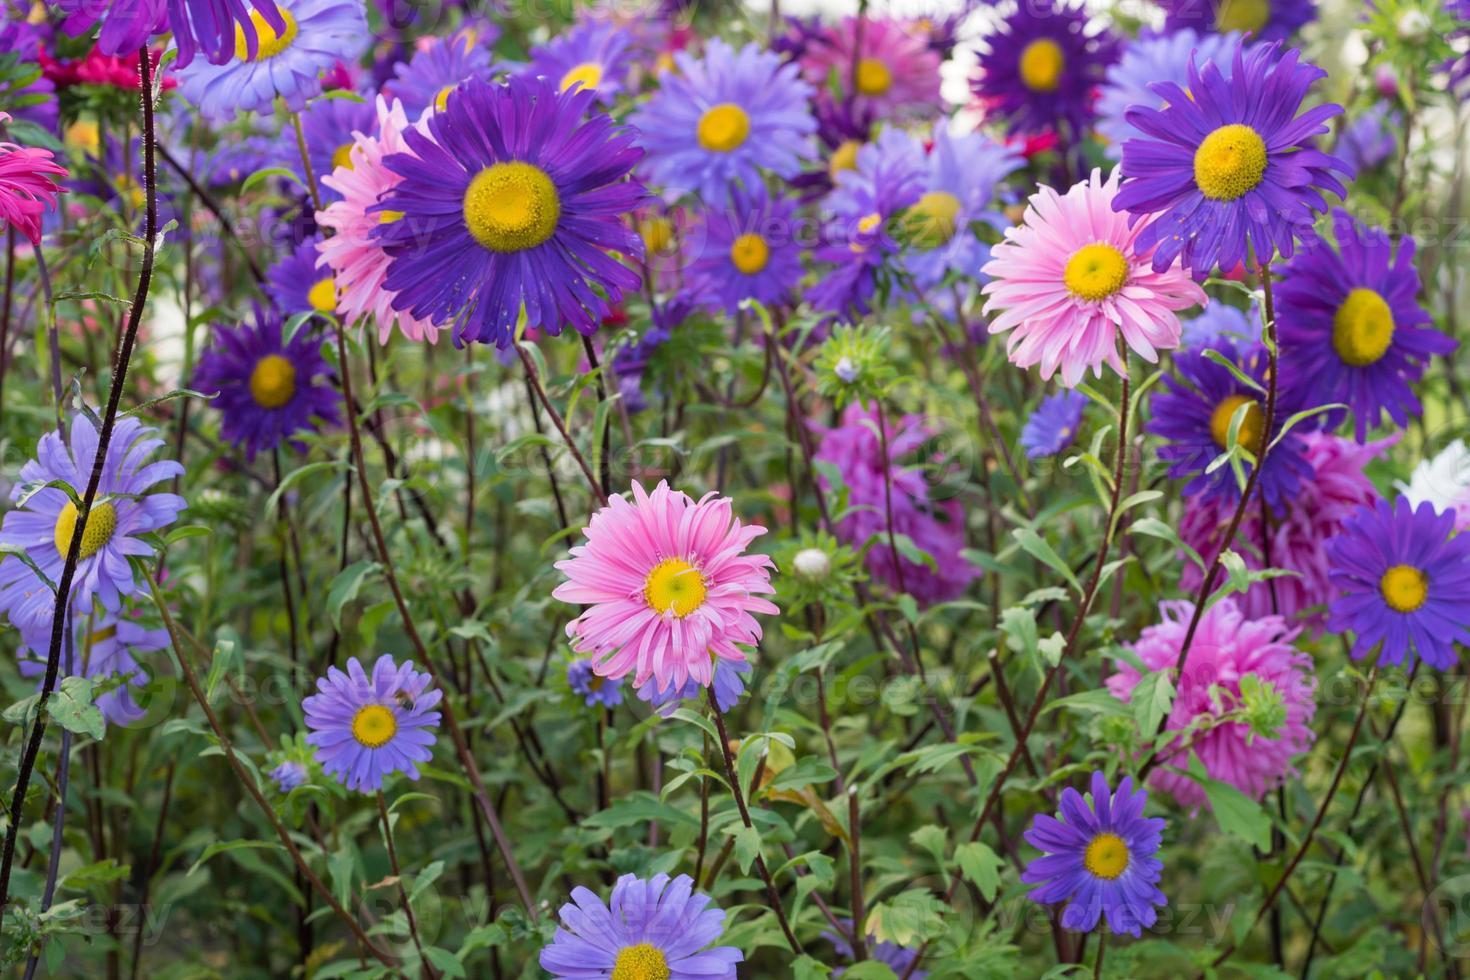 blomsterrabatt med blandade färgade asterblommor foto